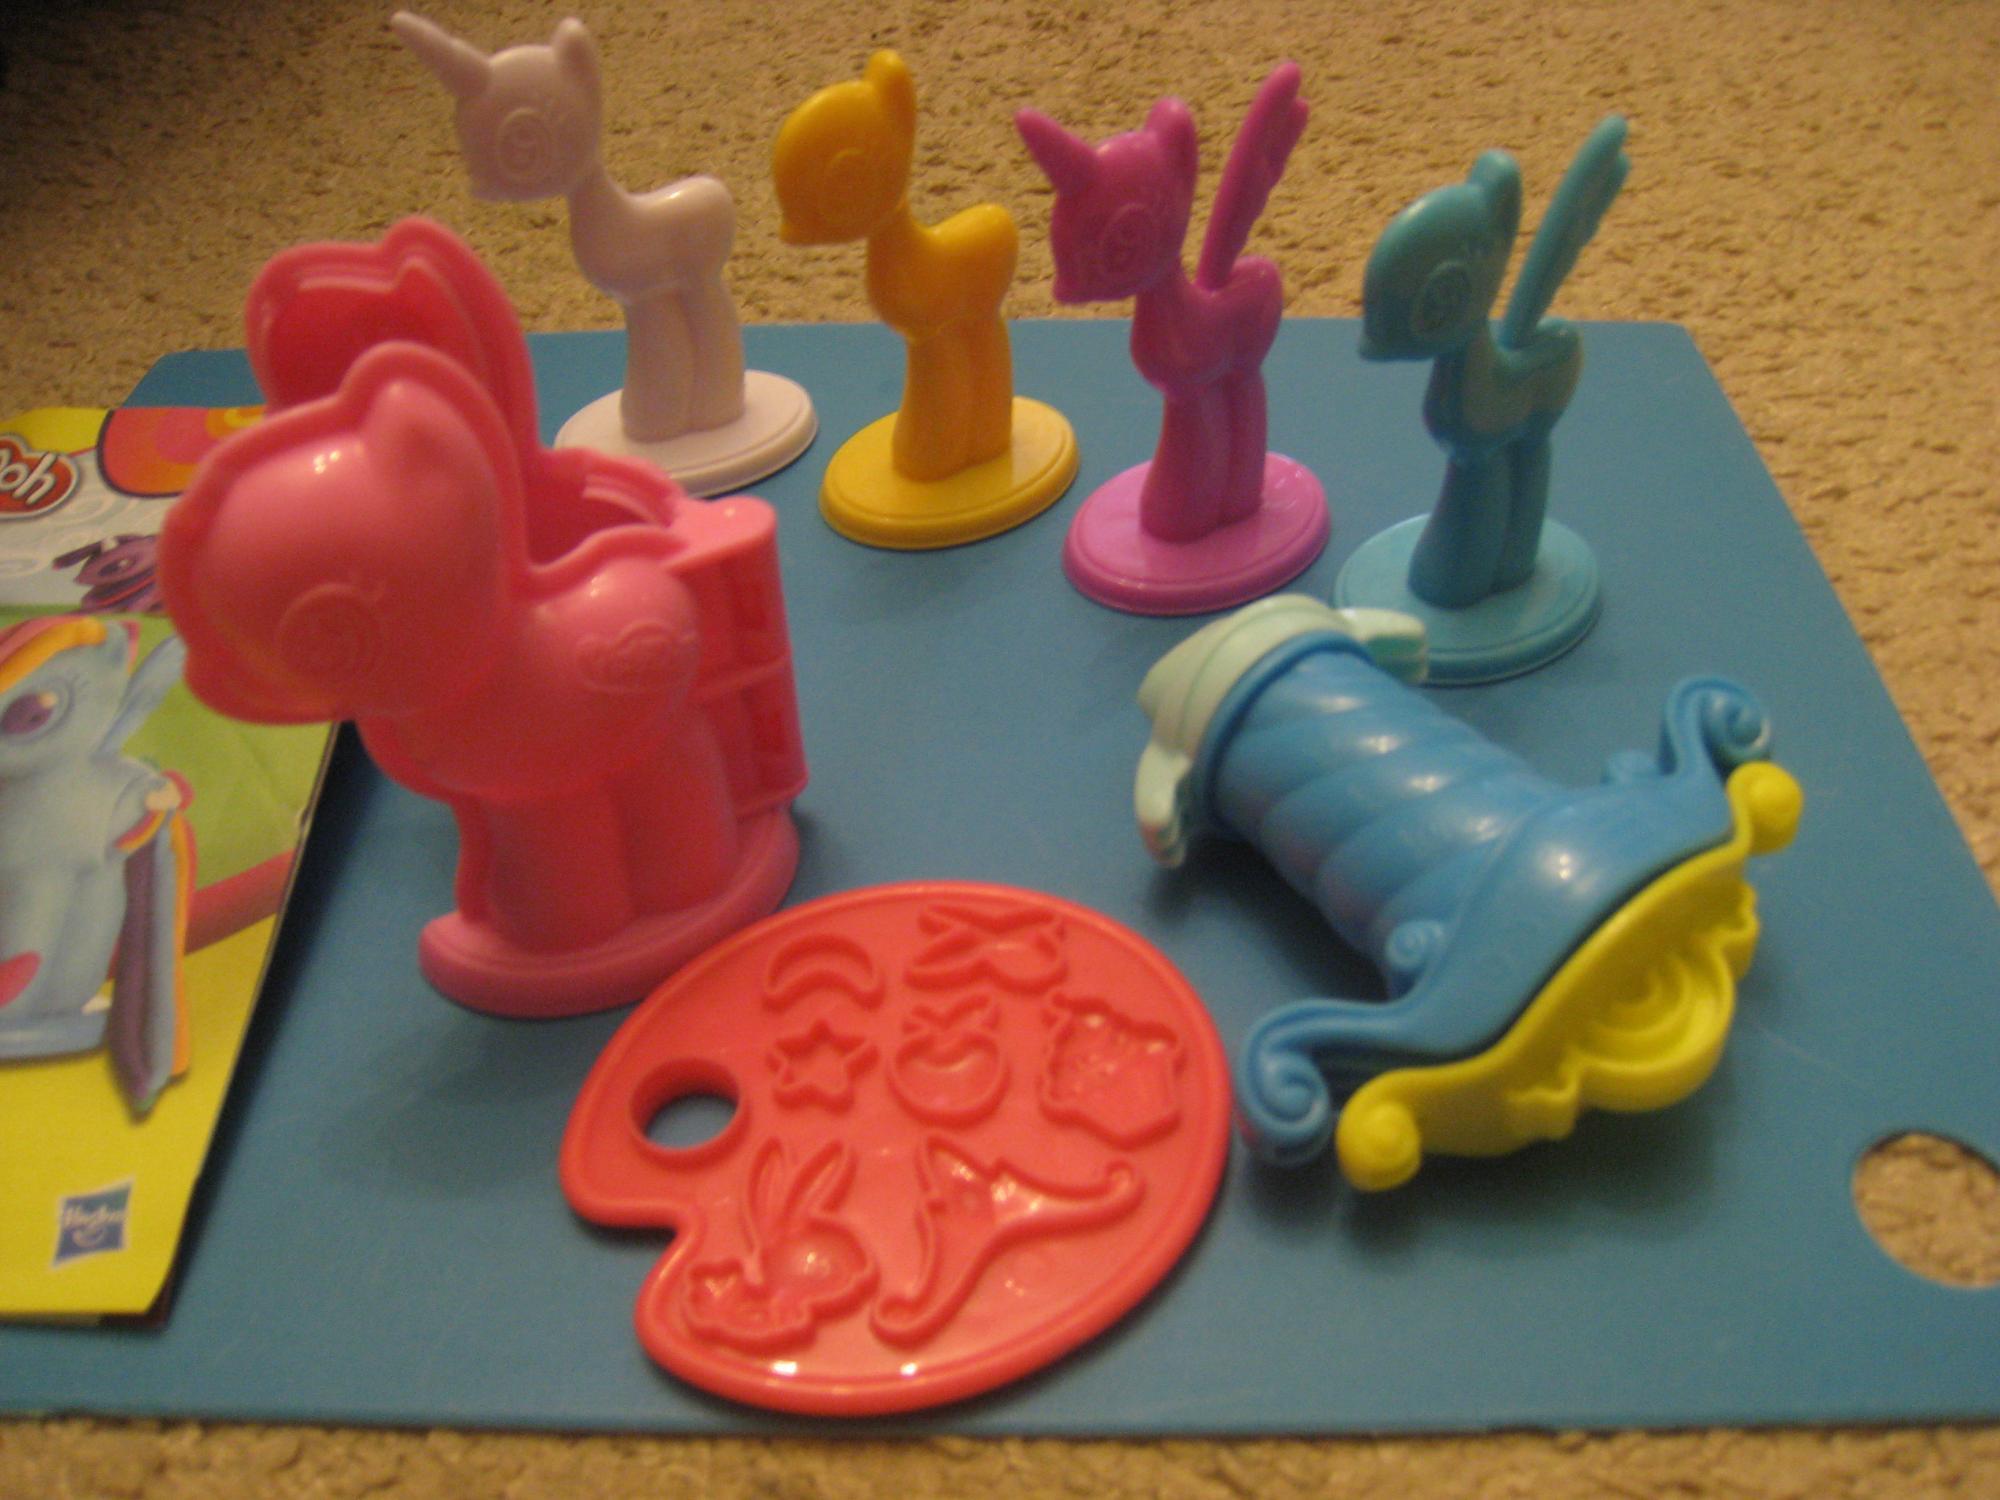 Набор Play-Doh Создай любимую пони в Москве 89161988278 купить 2